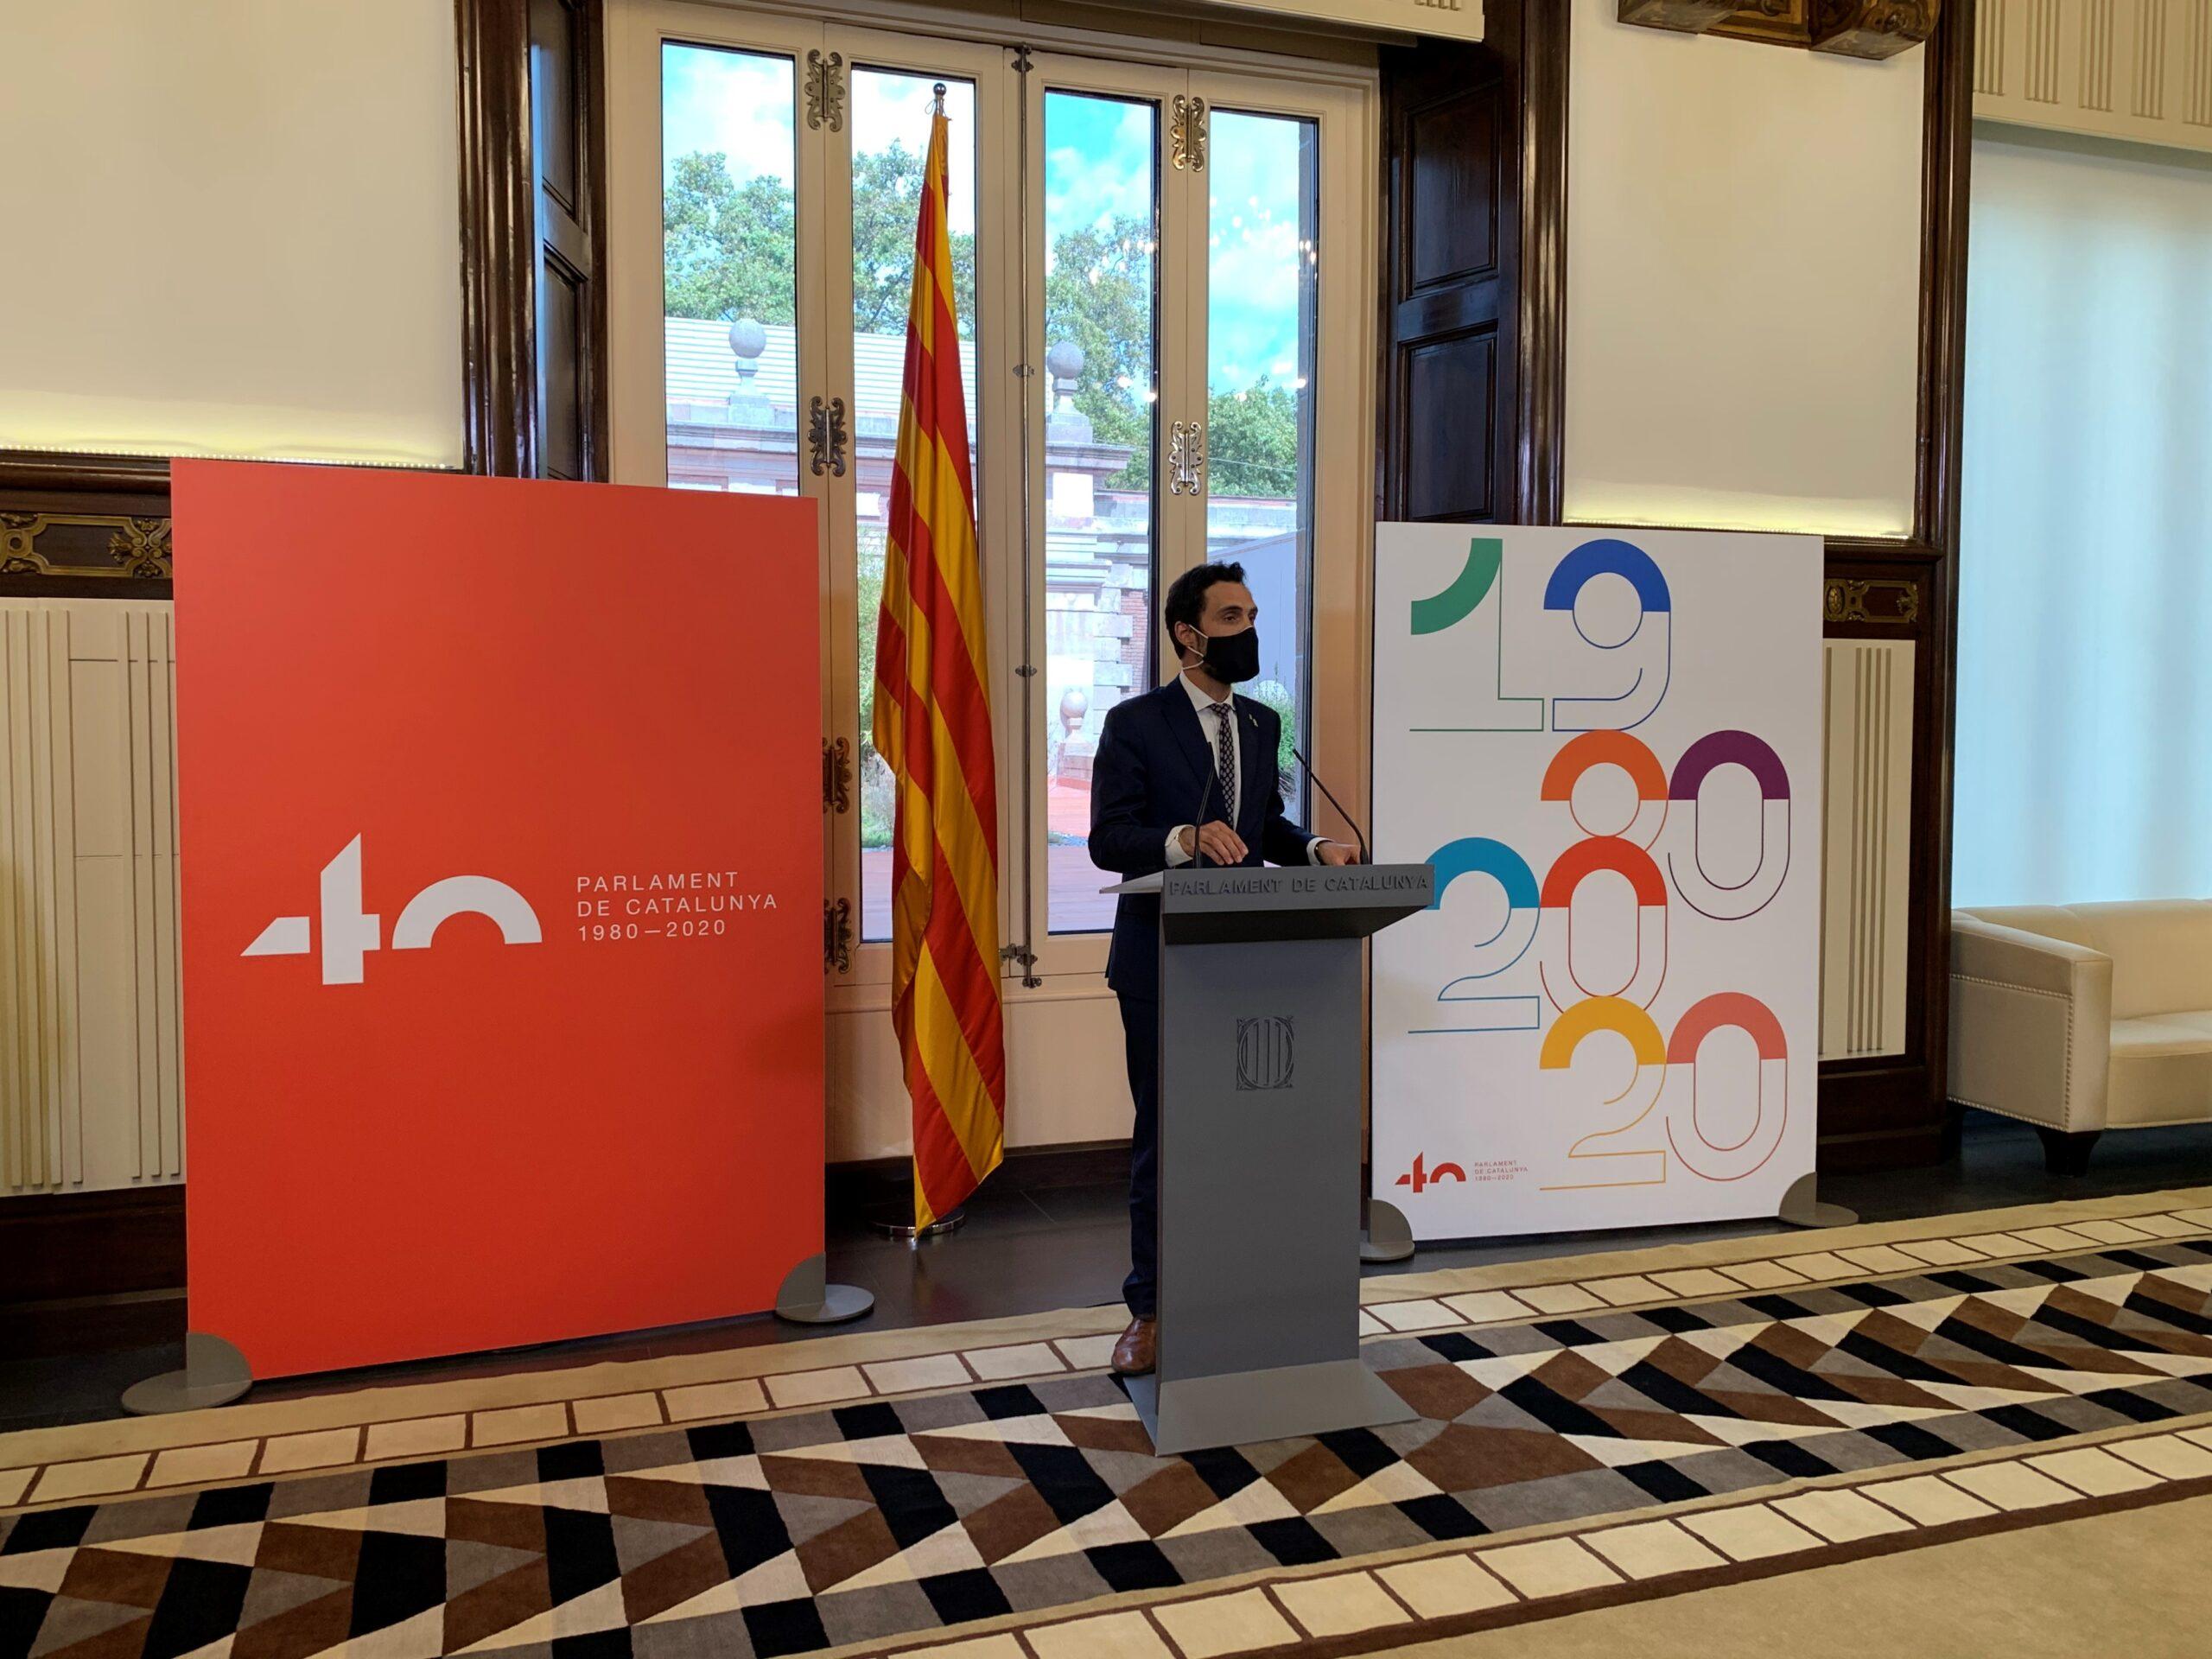 El president Torrent en l'acte de presentació del logotip i el cartell commemoratiu del 40è aniversari del Parlament (Foto: Parlament de Catalunya)